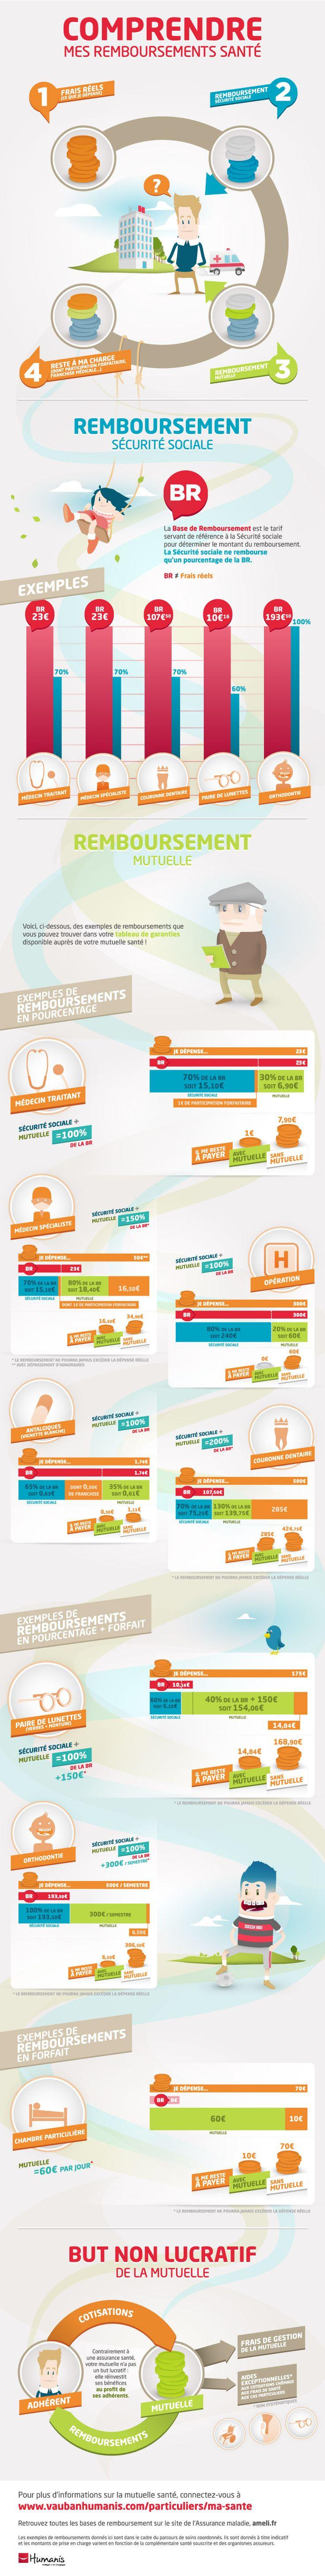 Les remboursements santé en France, la part sécurité sociale (base de remboursement), la part prise en charge par la mutuelle santé à travers des exemples graphiques et enfin compréhensibles.